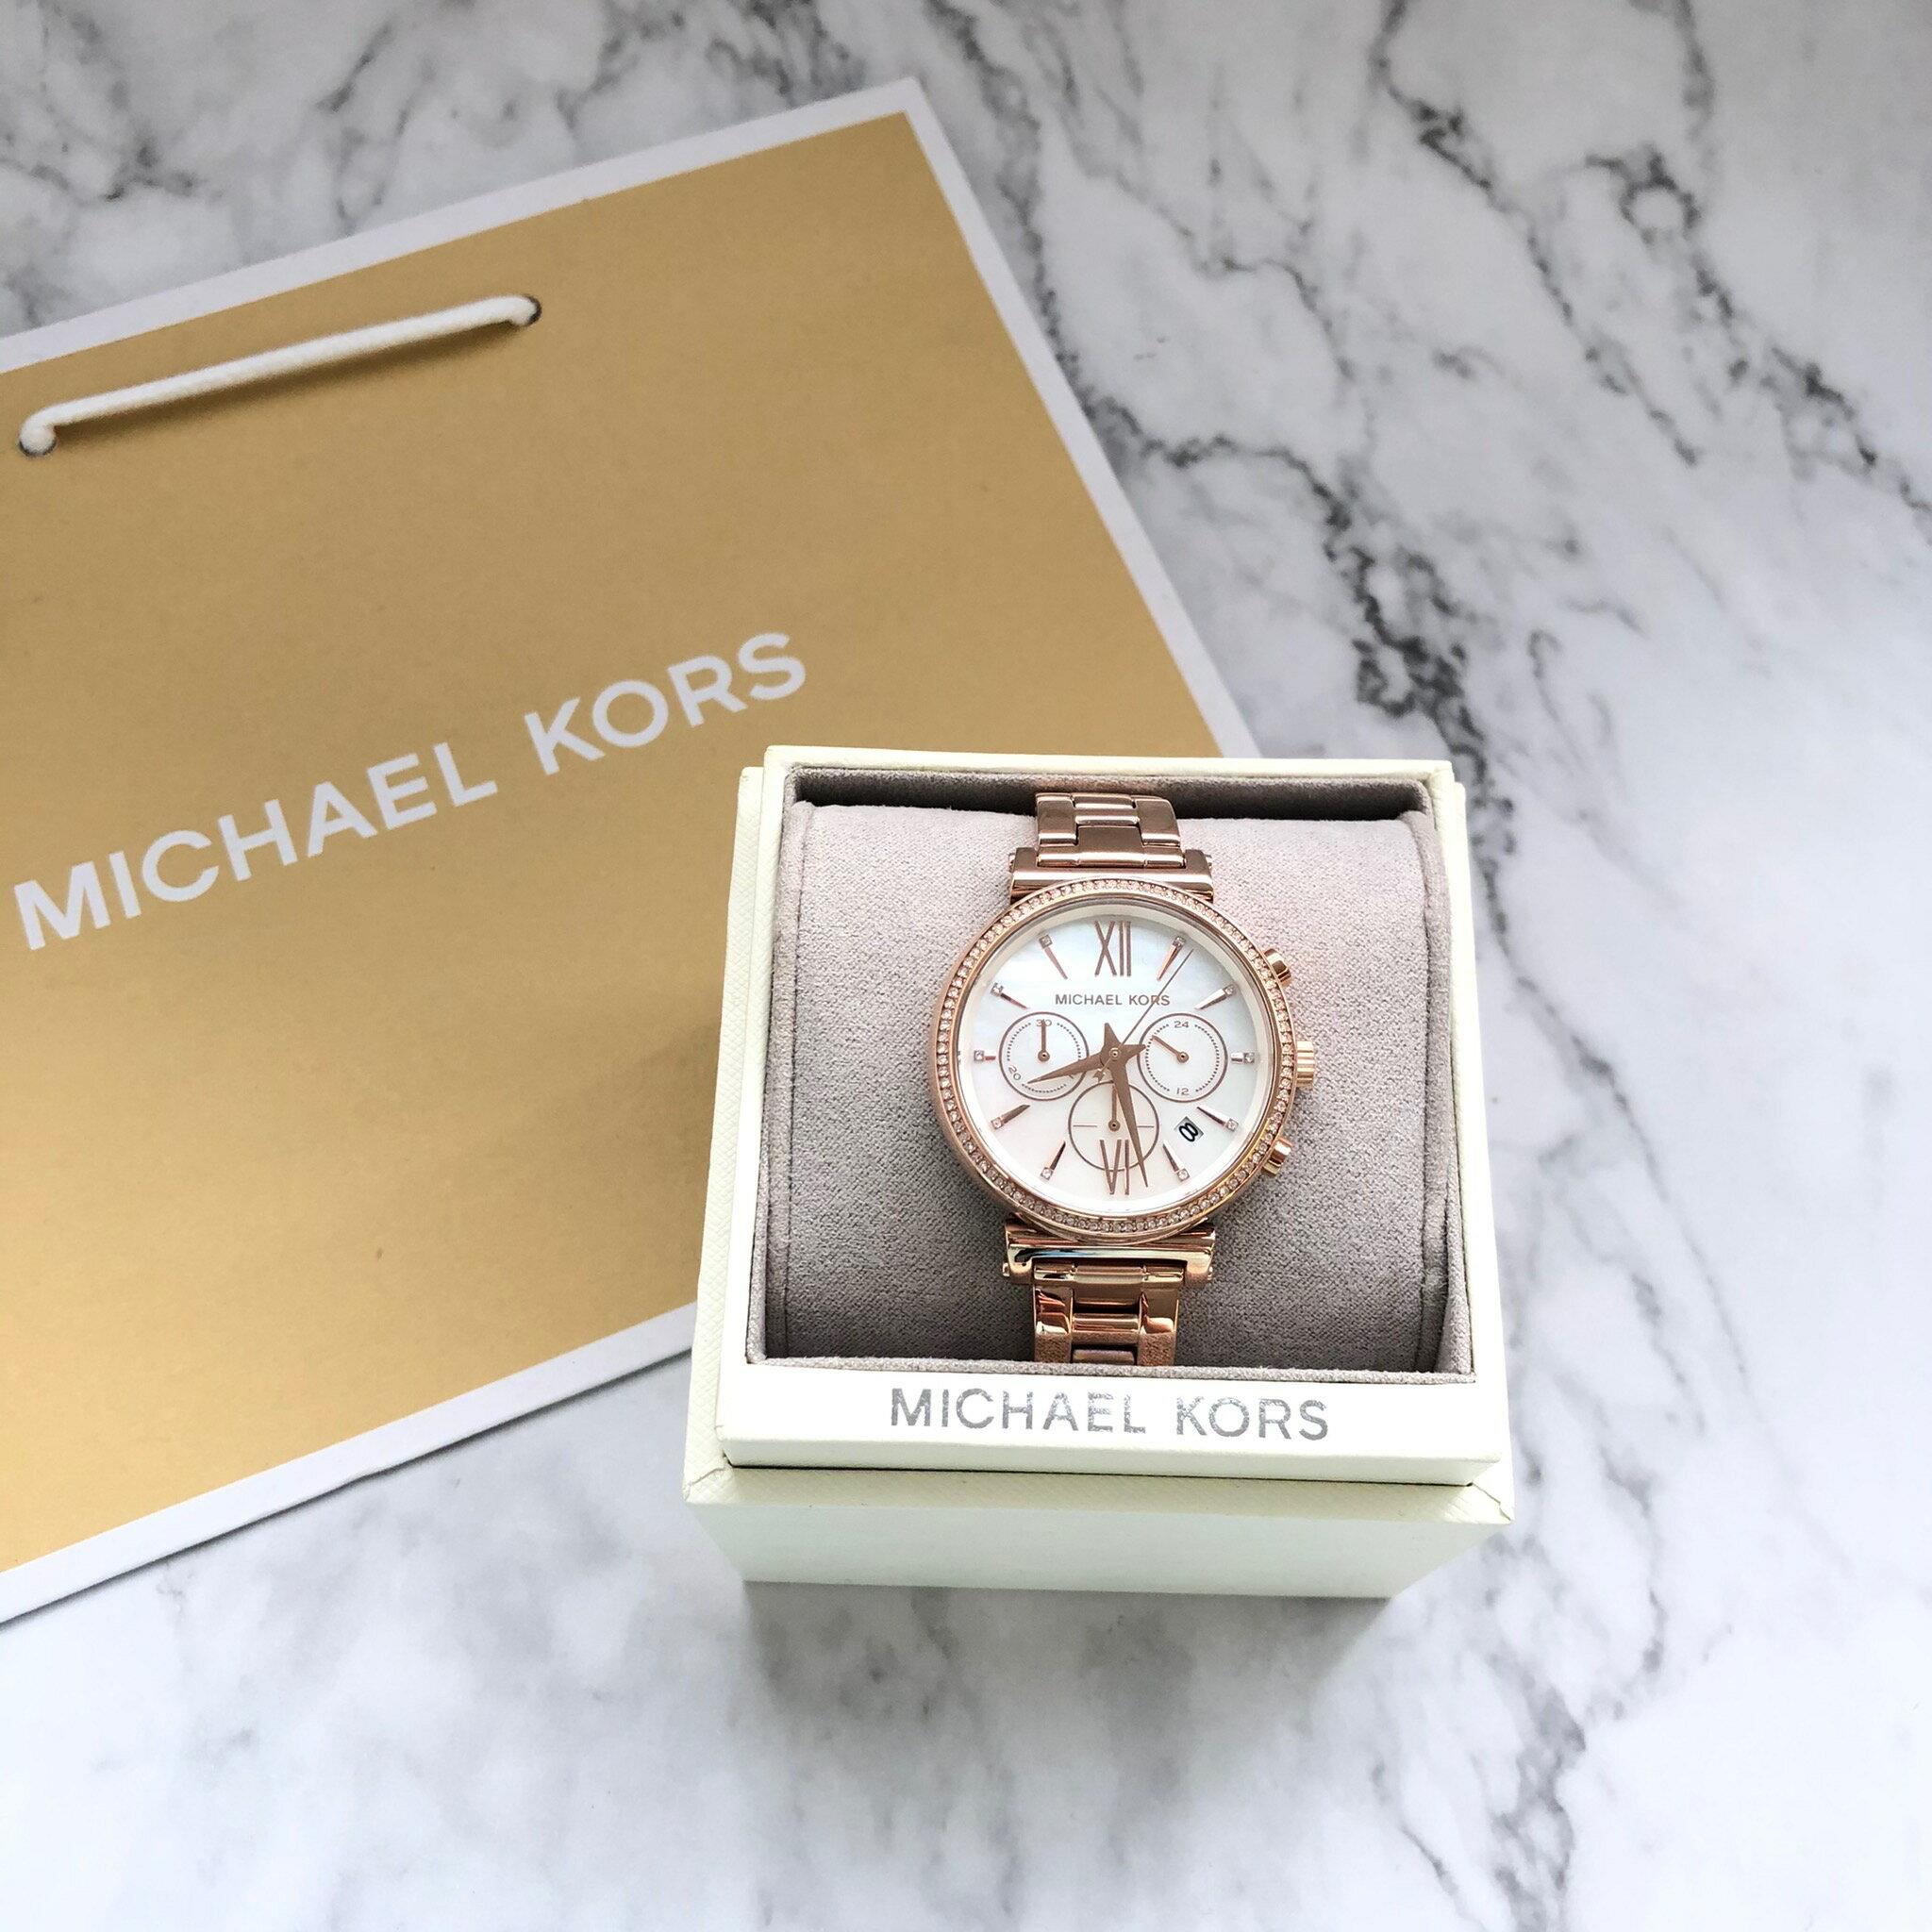 美國百分百【全新真品】 Michael Kors 手錶 MK 腕錶 禮盒 專櫃精品 MK6614 玫瑰金 女款 AQ17